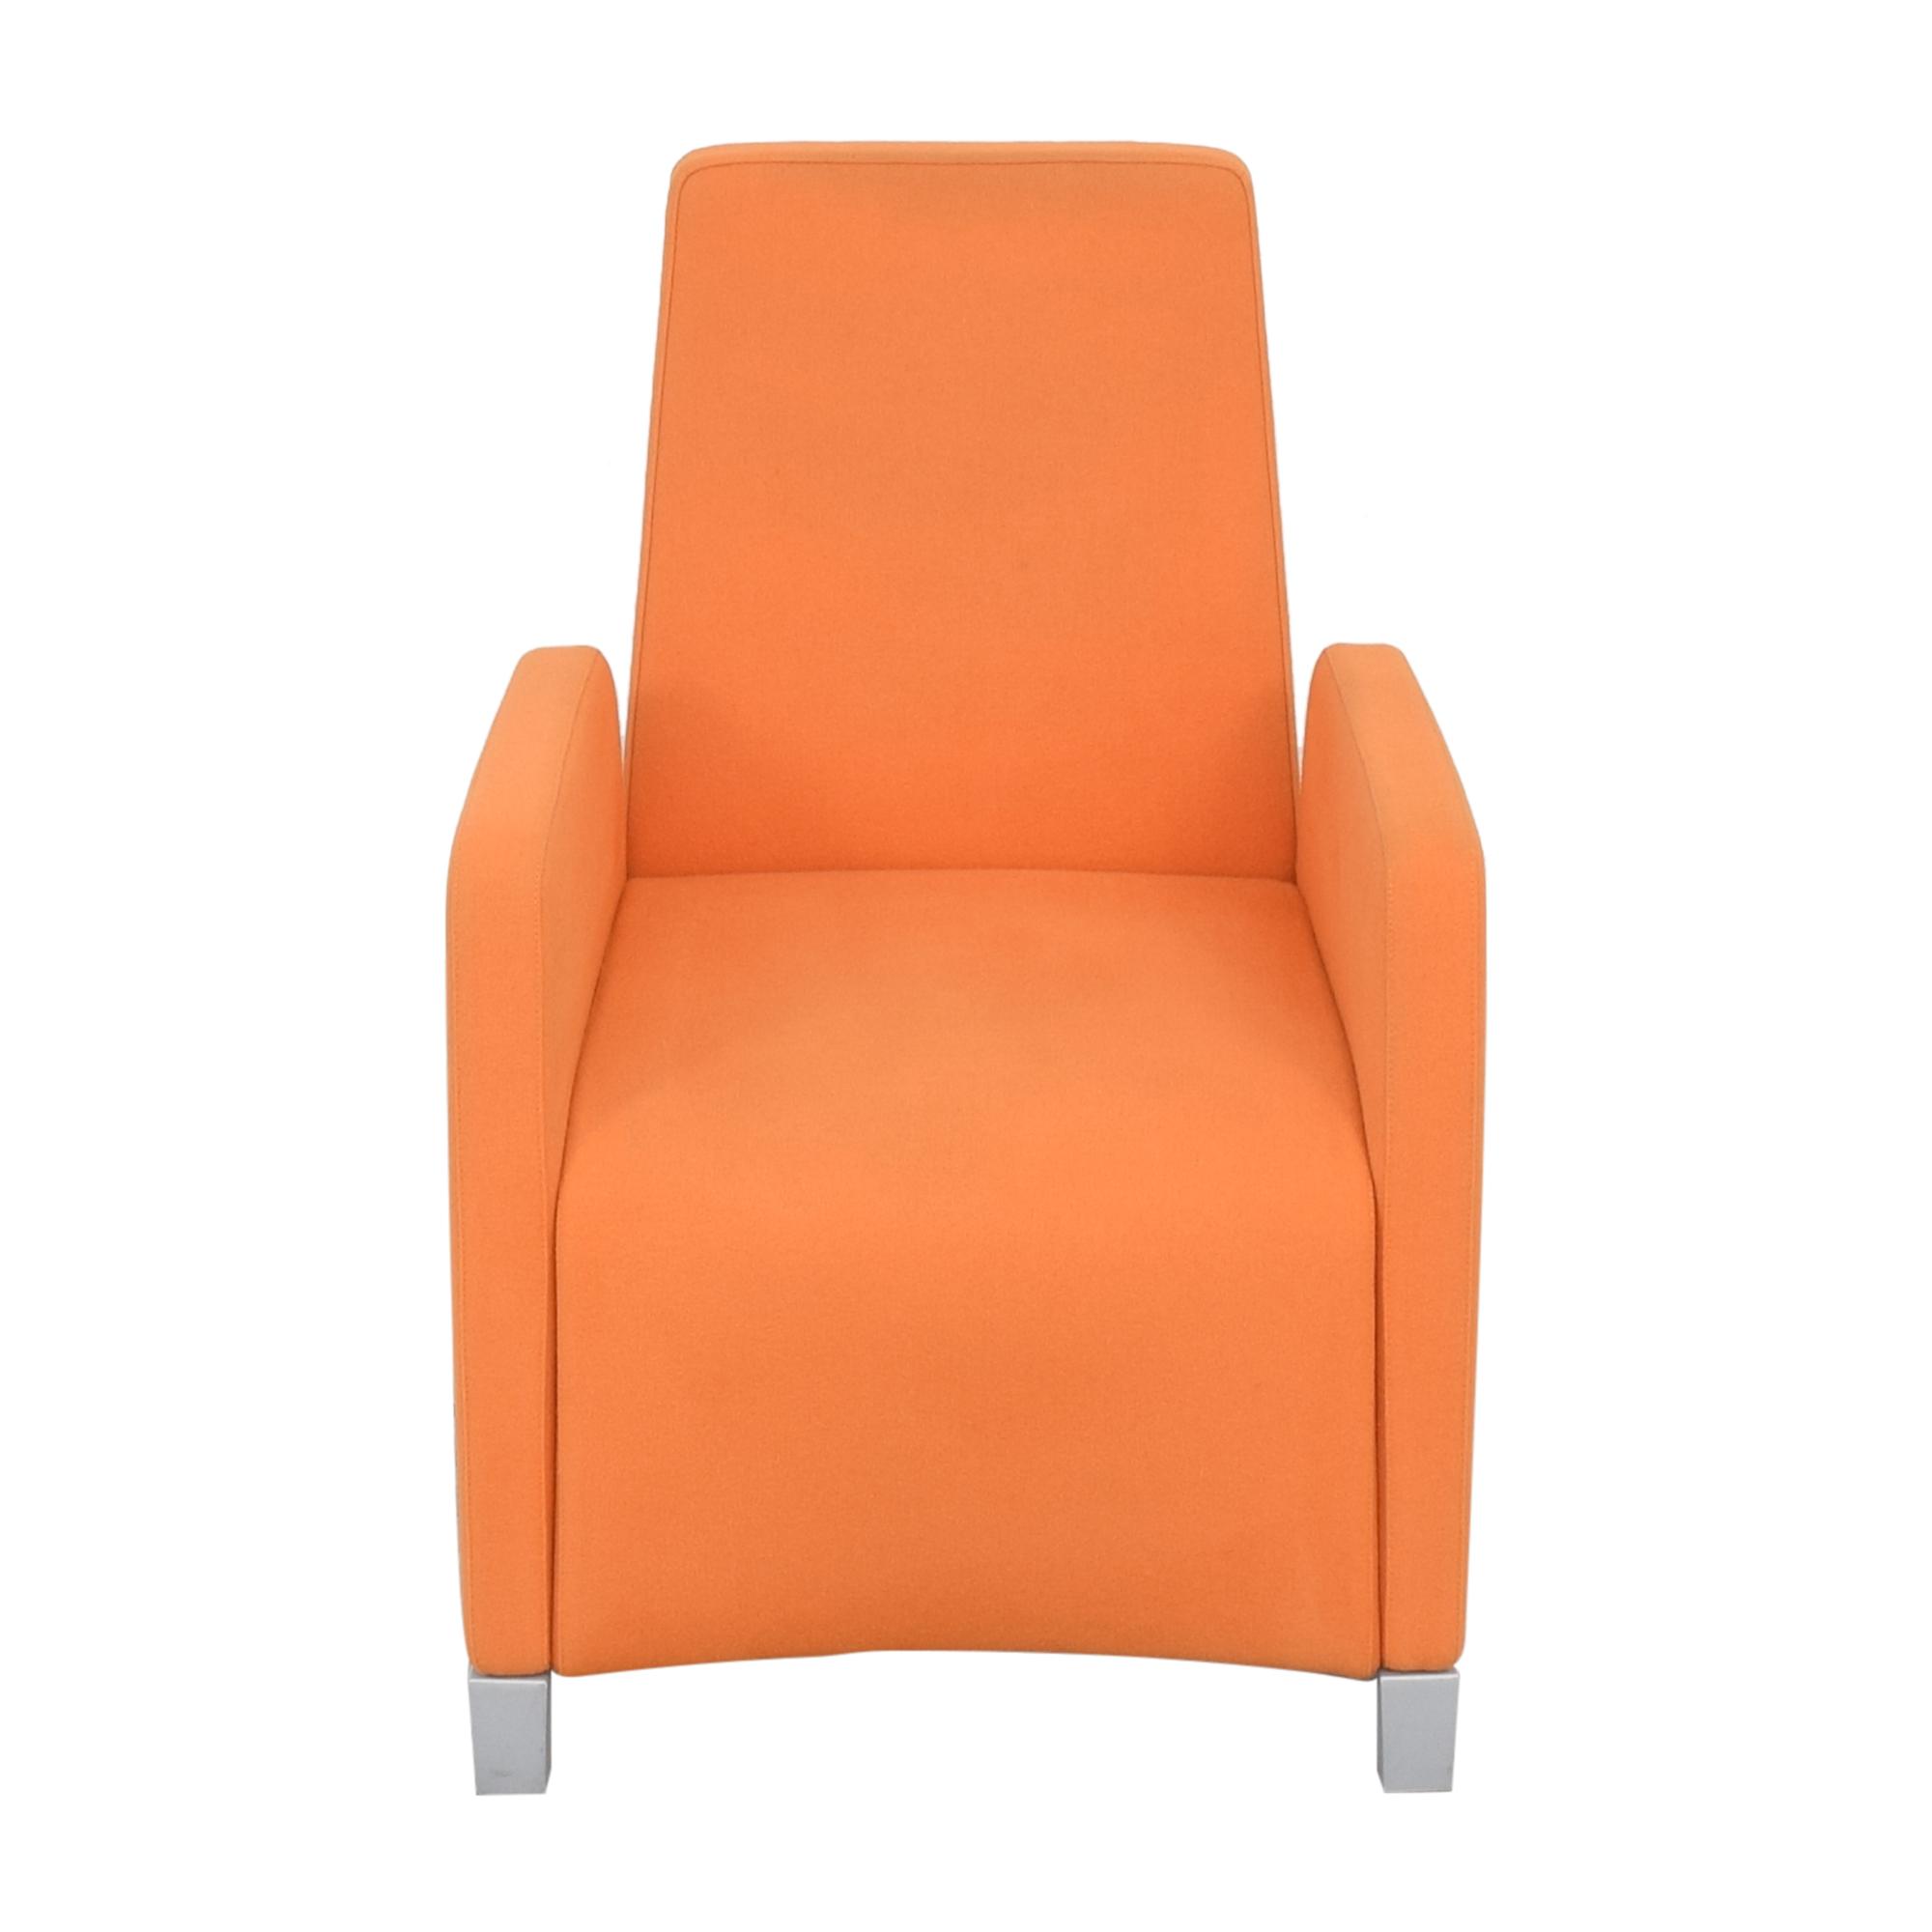 shop Baleri Italia Baleri Italia Tato Orange Chair online